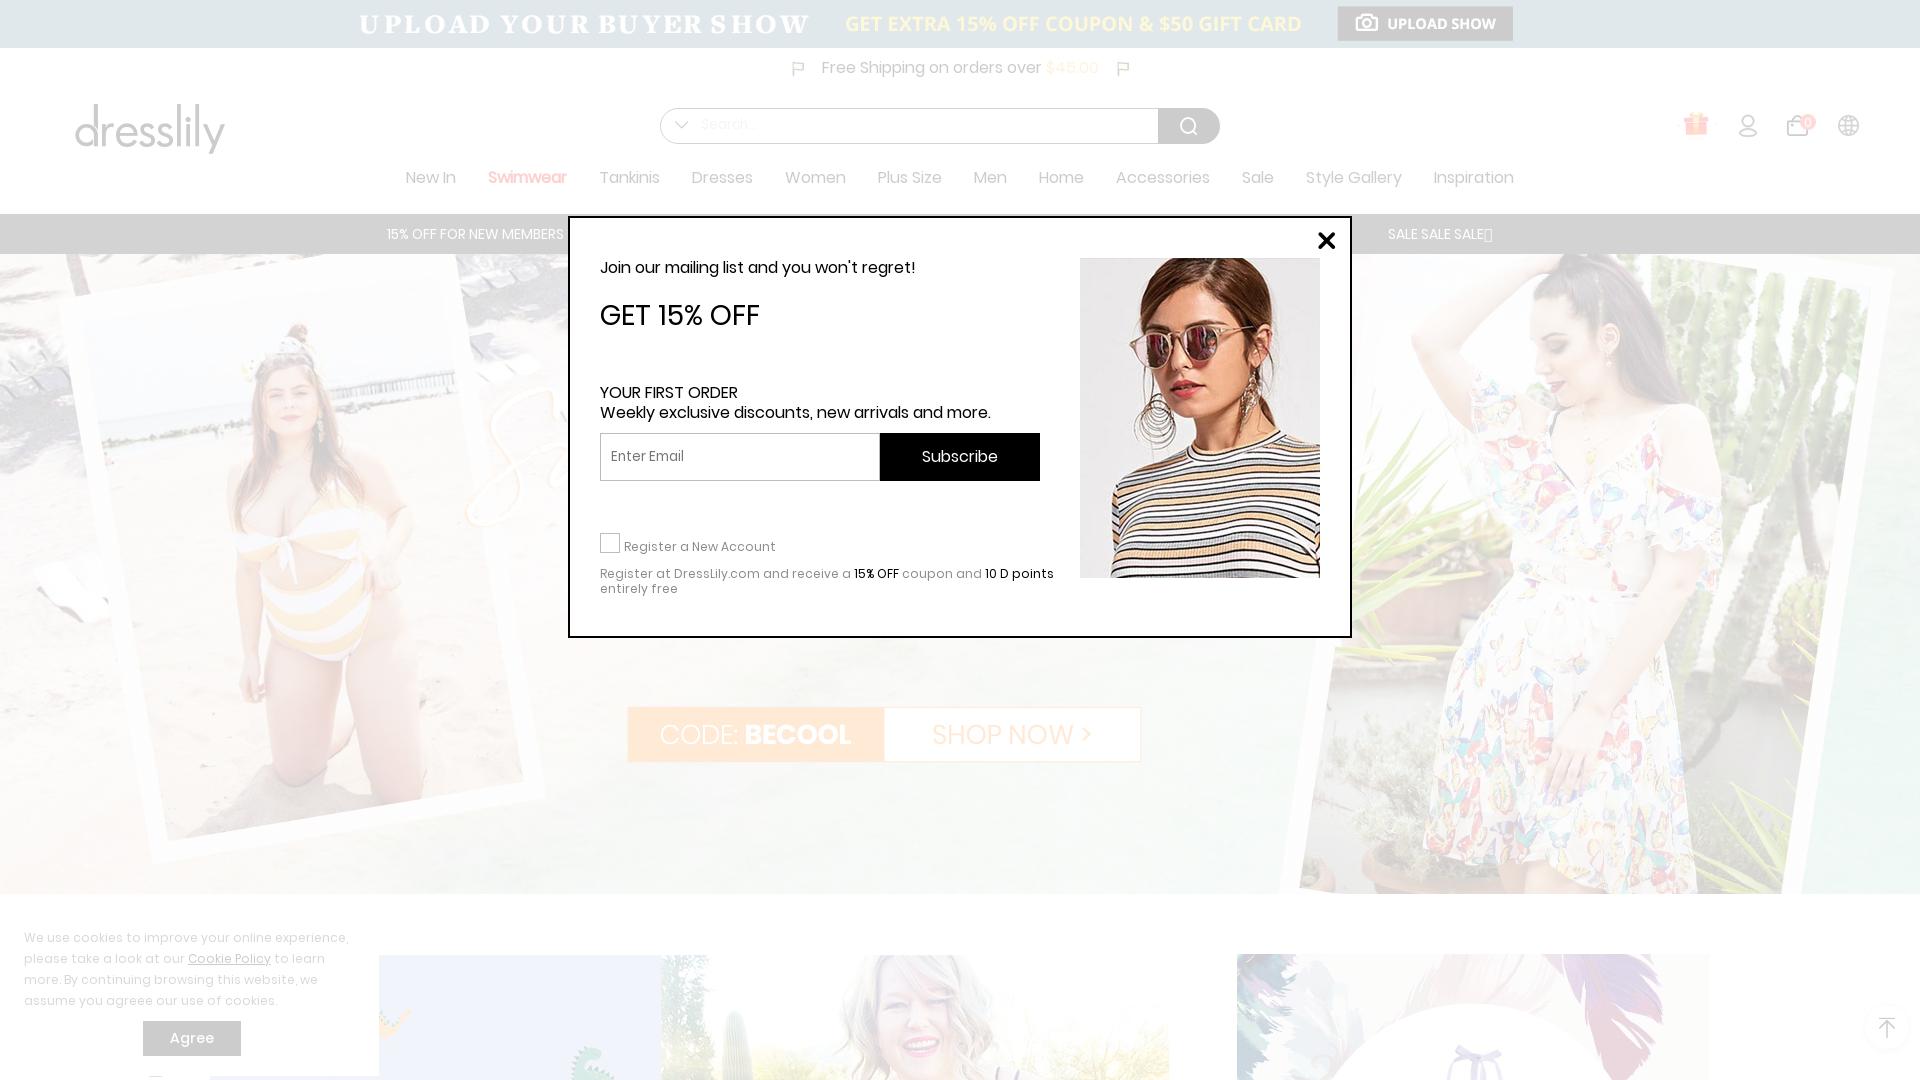 Dresslily website